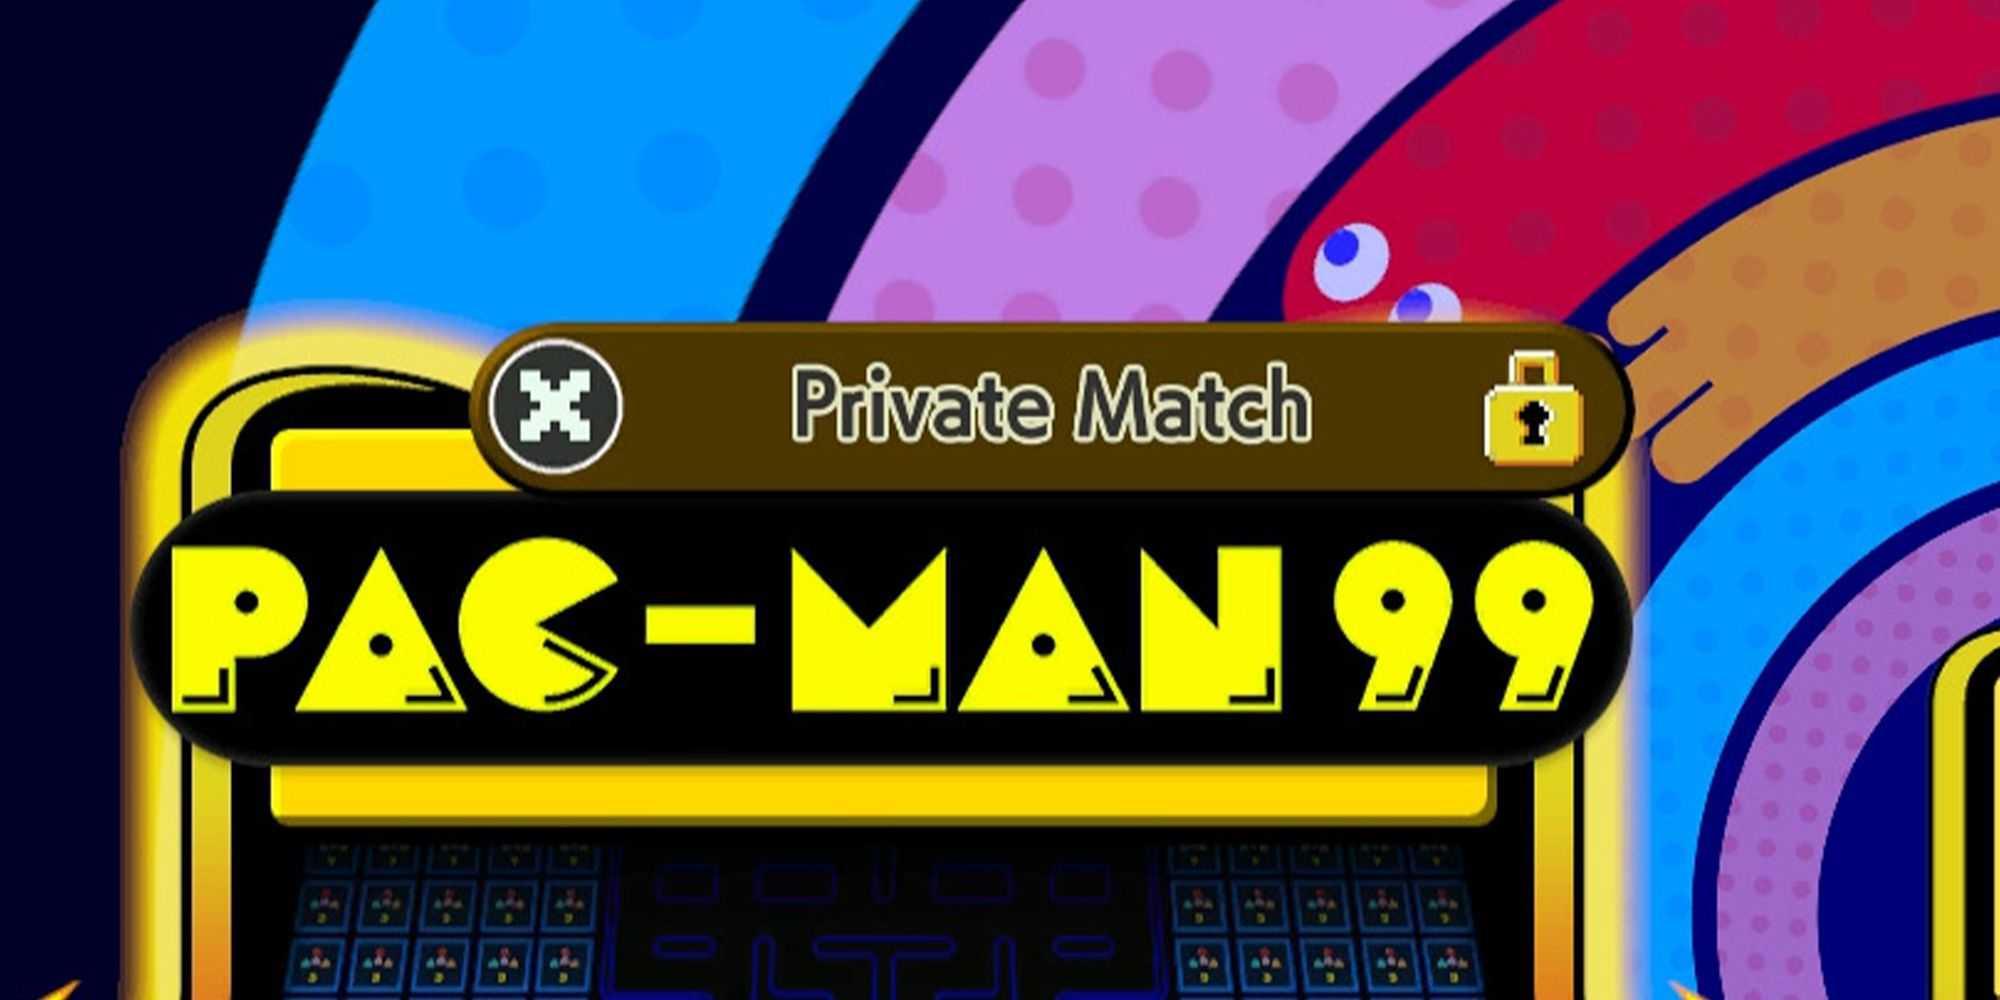 Pac-Man 99: как организовать приватный матч